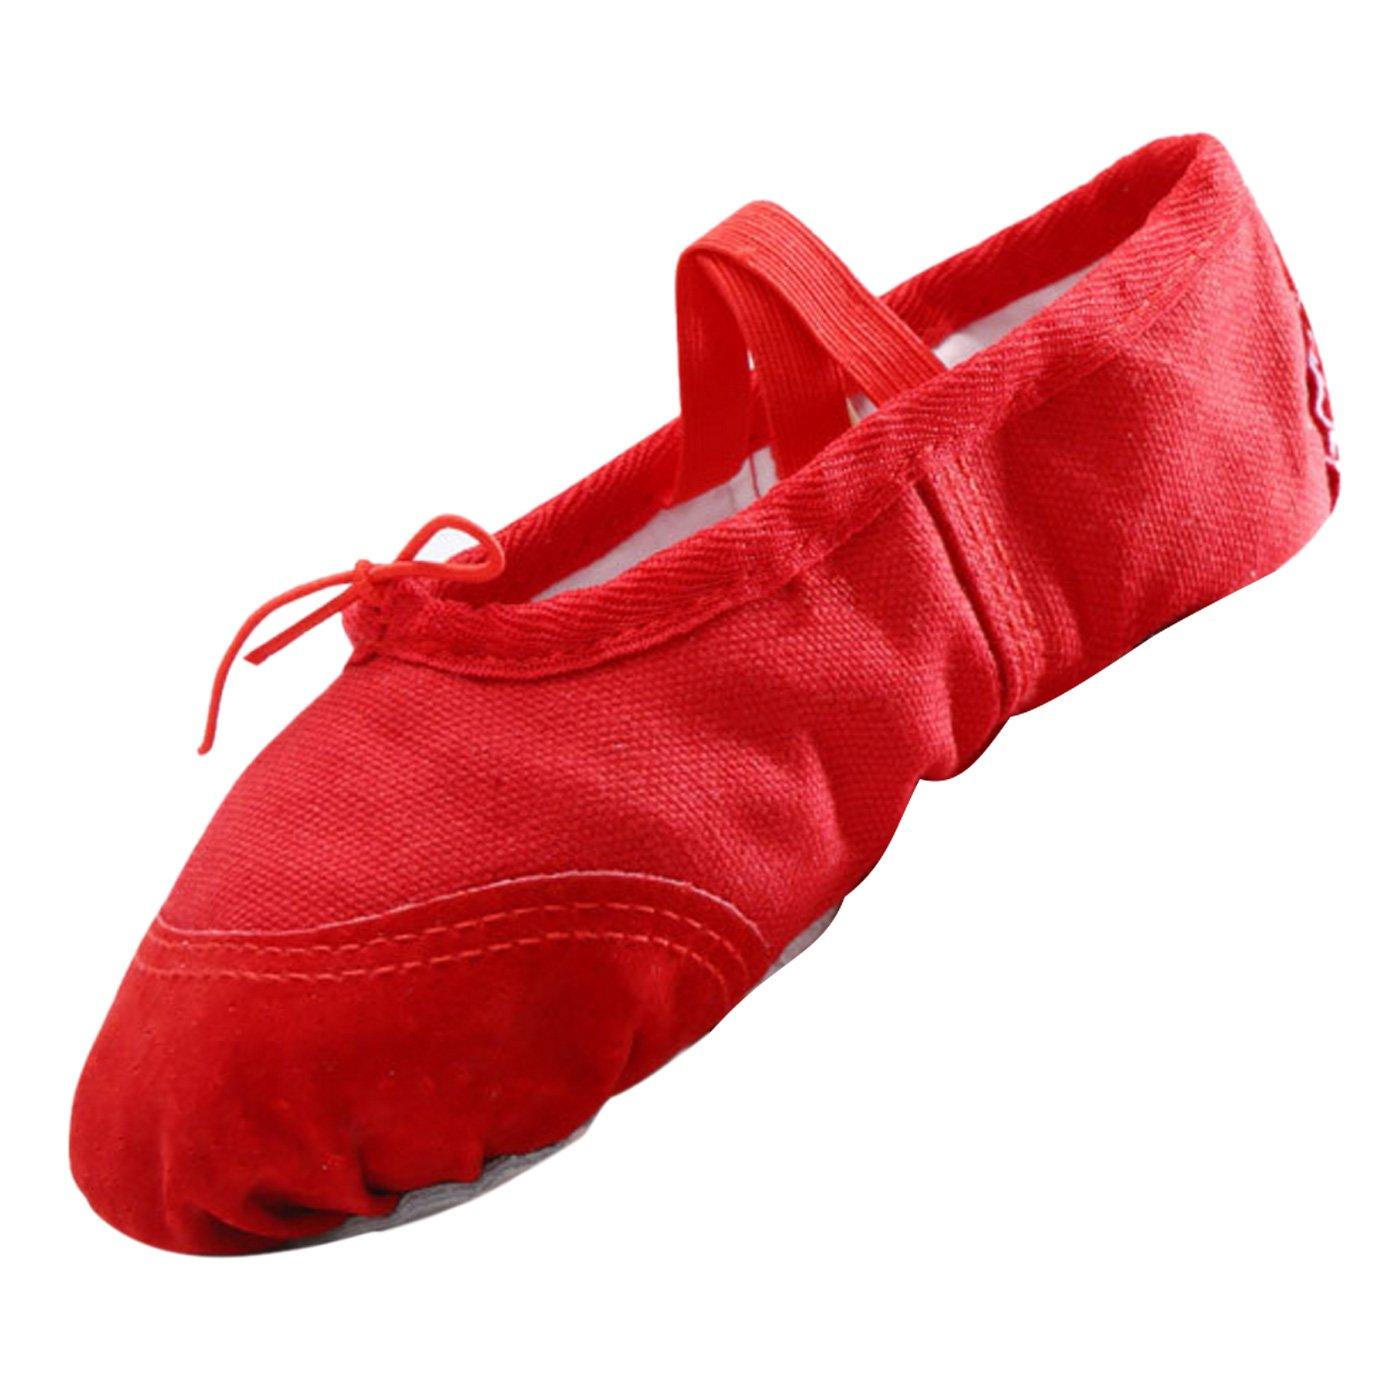 Panegy - Niñas Bailarinas de Tutú Ballet para Práctica de Ballet Suela Antideslizante Media Punta de Piel - EU 26 Rojo